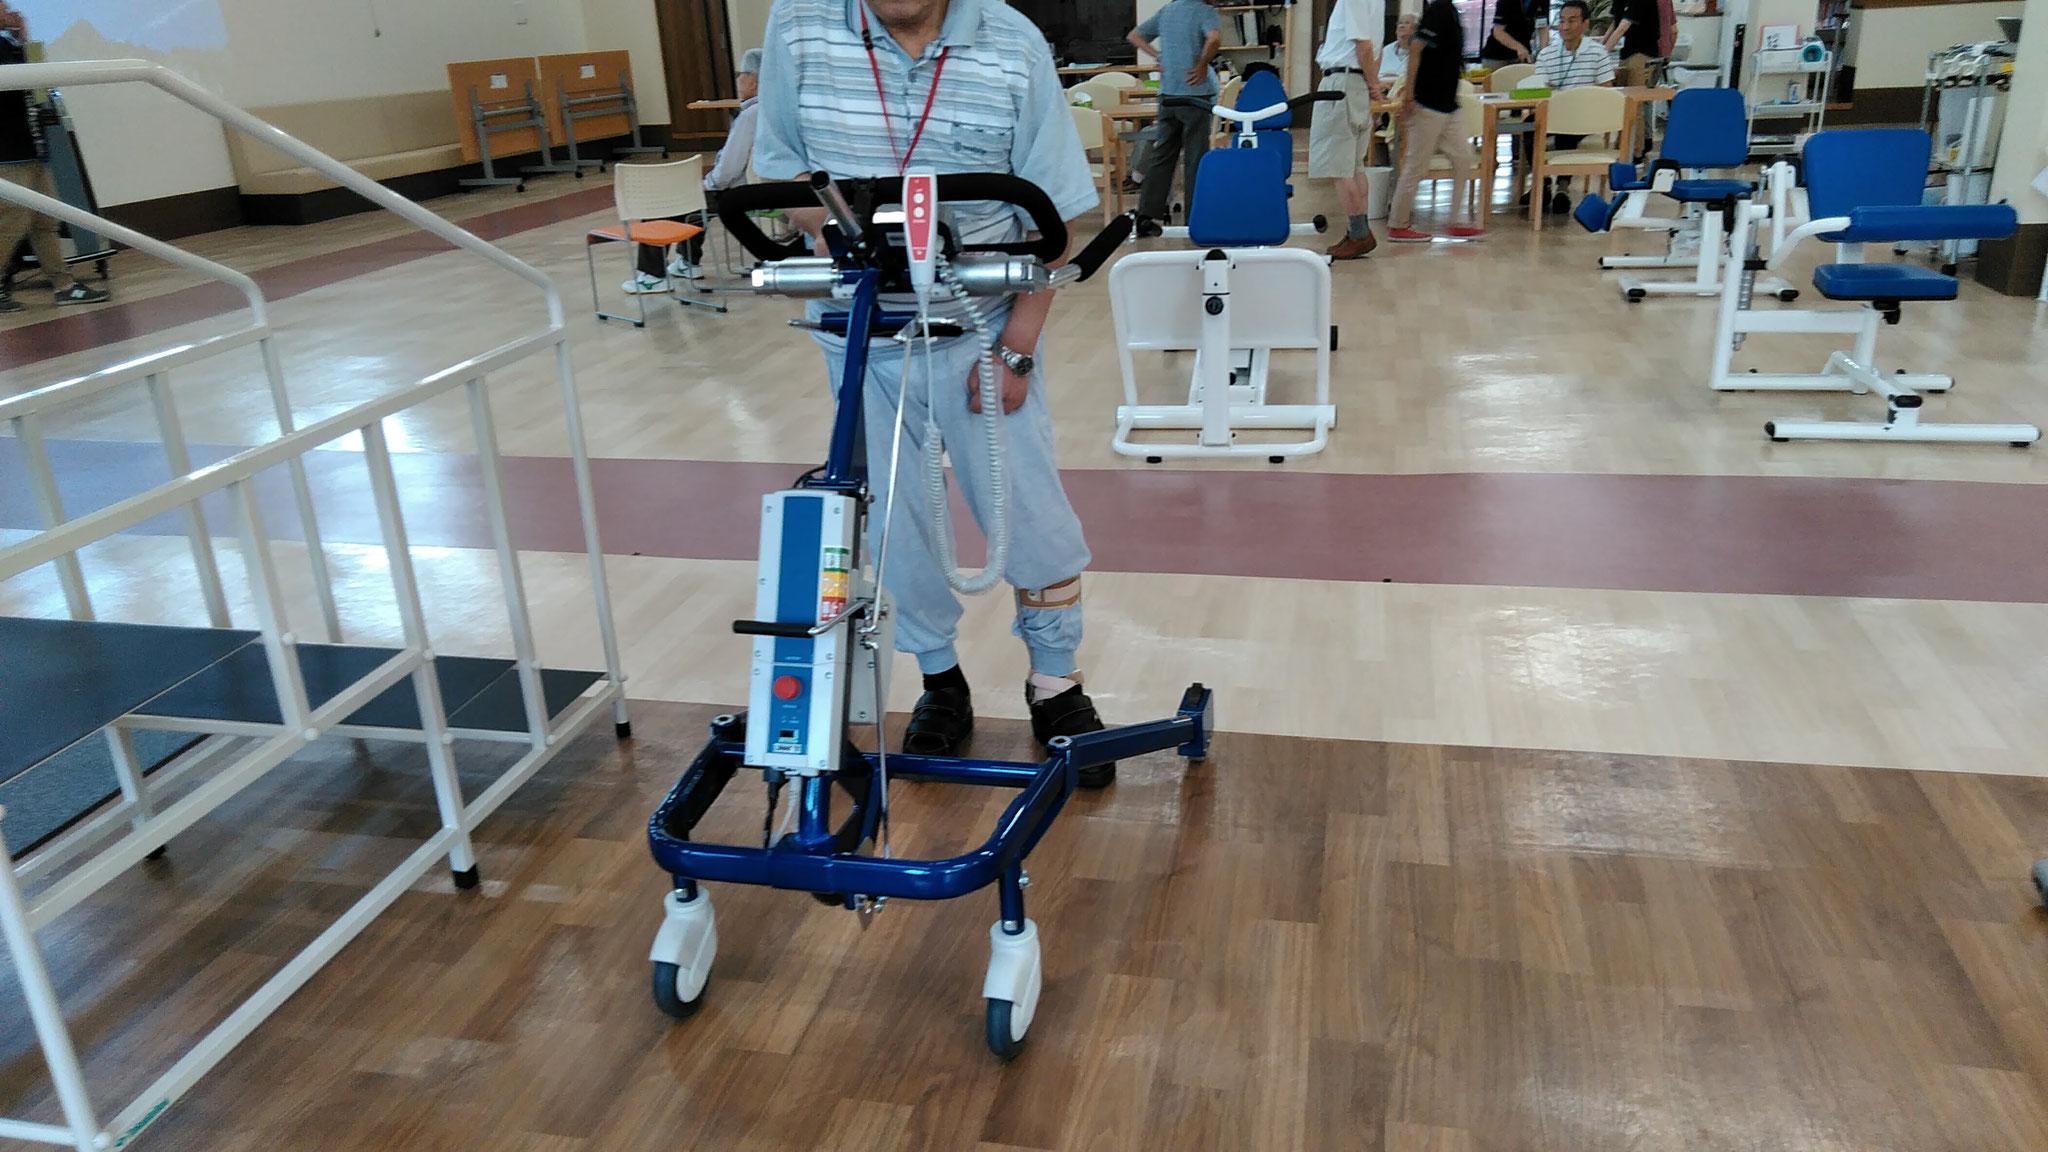 立って歩くのが難しい方用のマシンも!